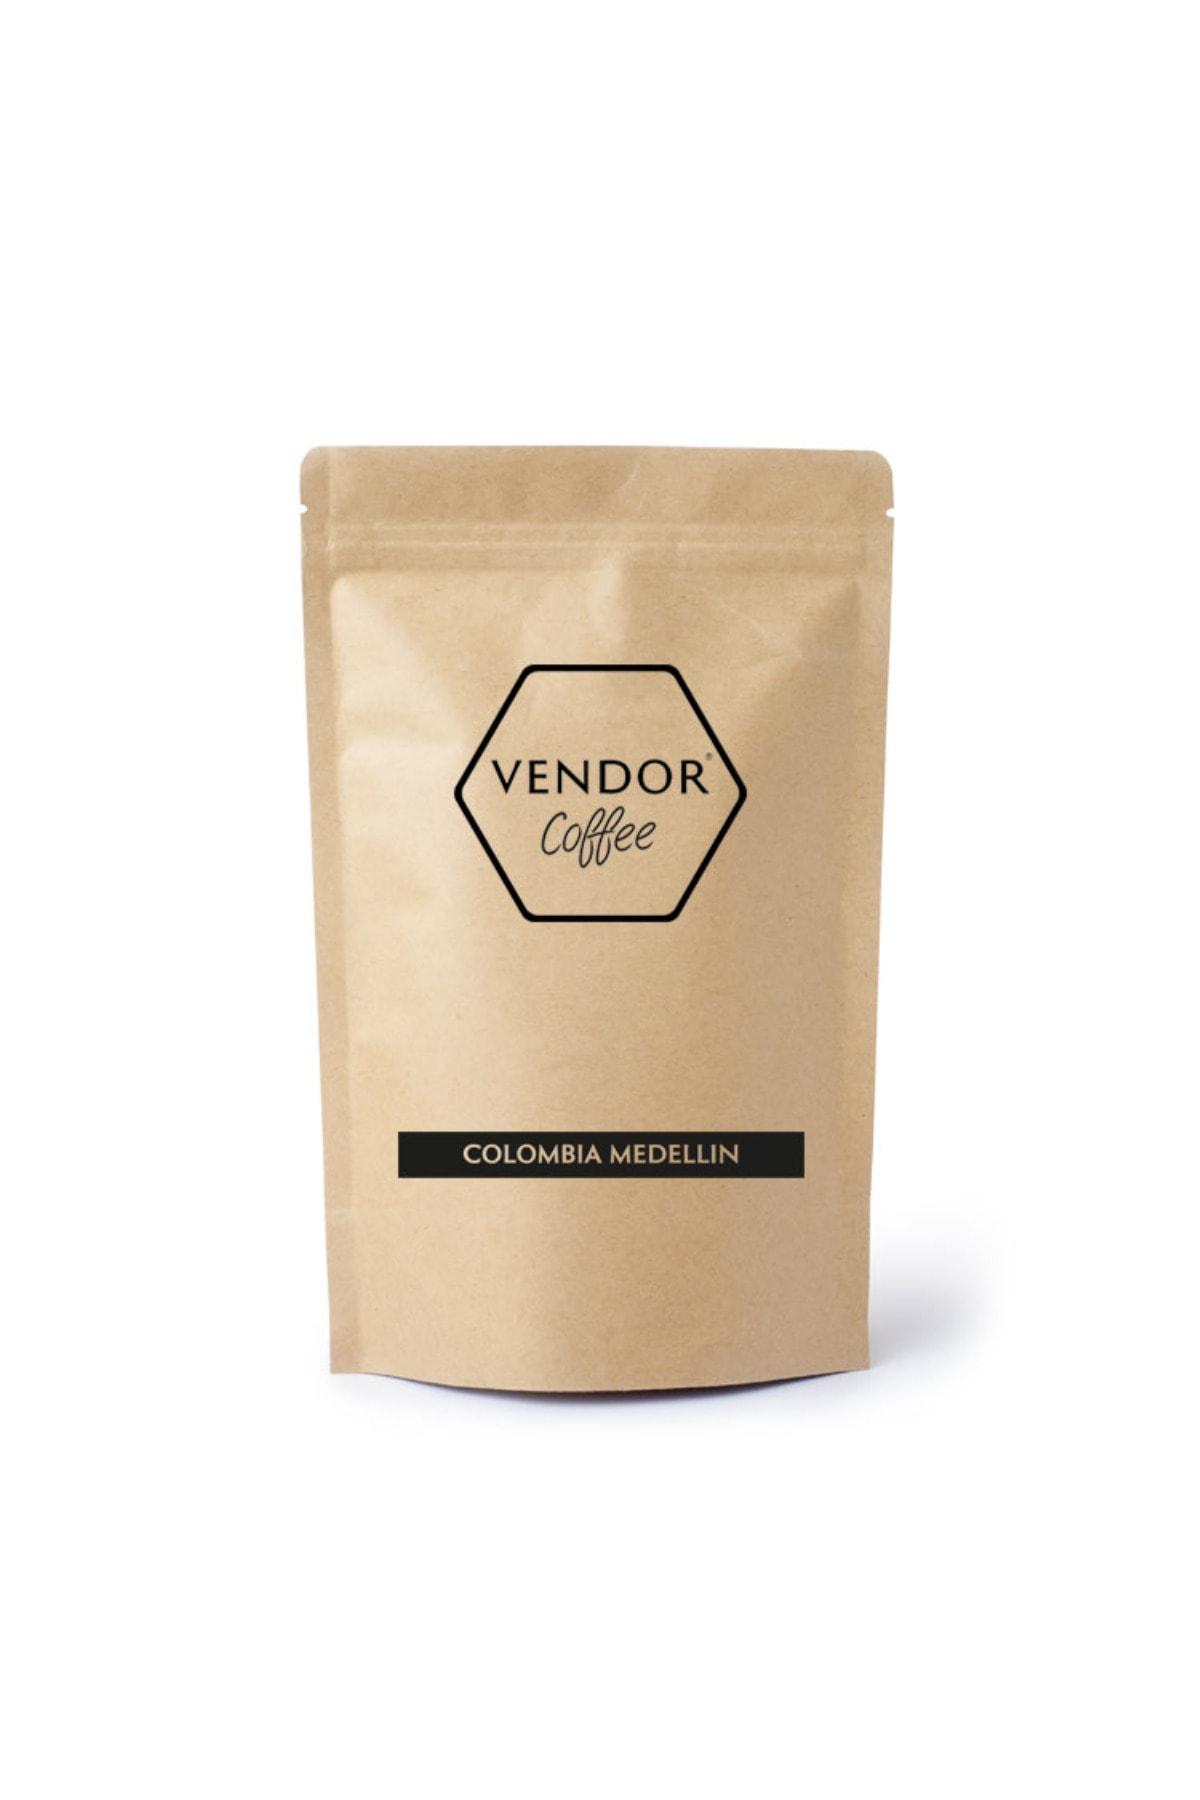 Vendor Colombia Medellin Çekirdek Kahve 250 Gr. 1